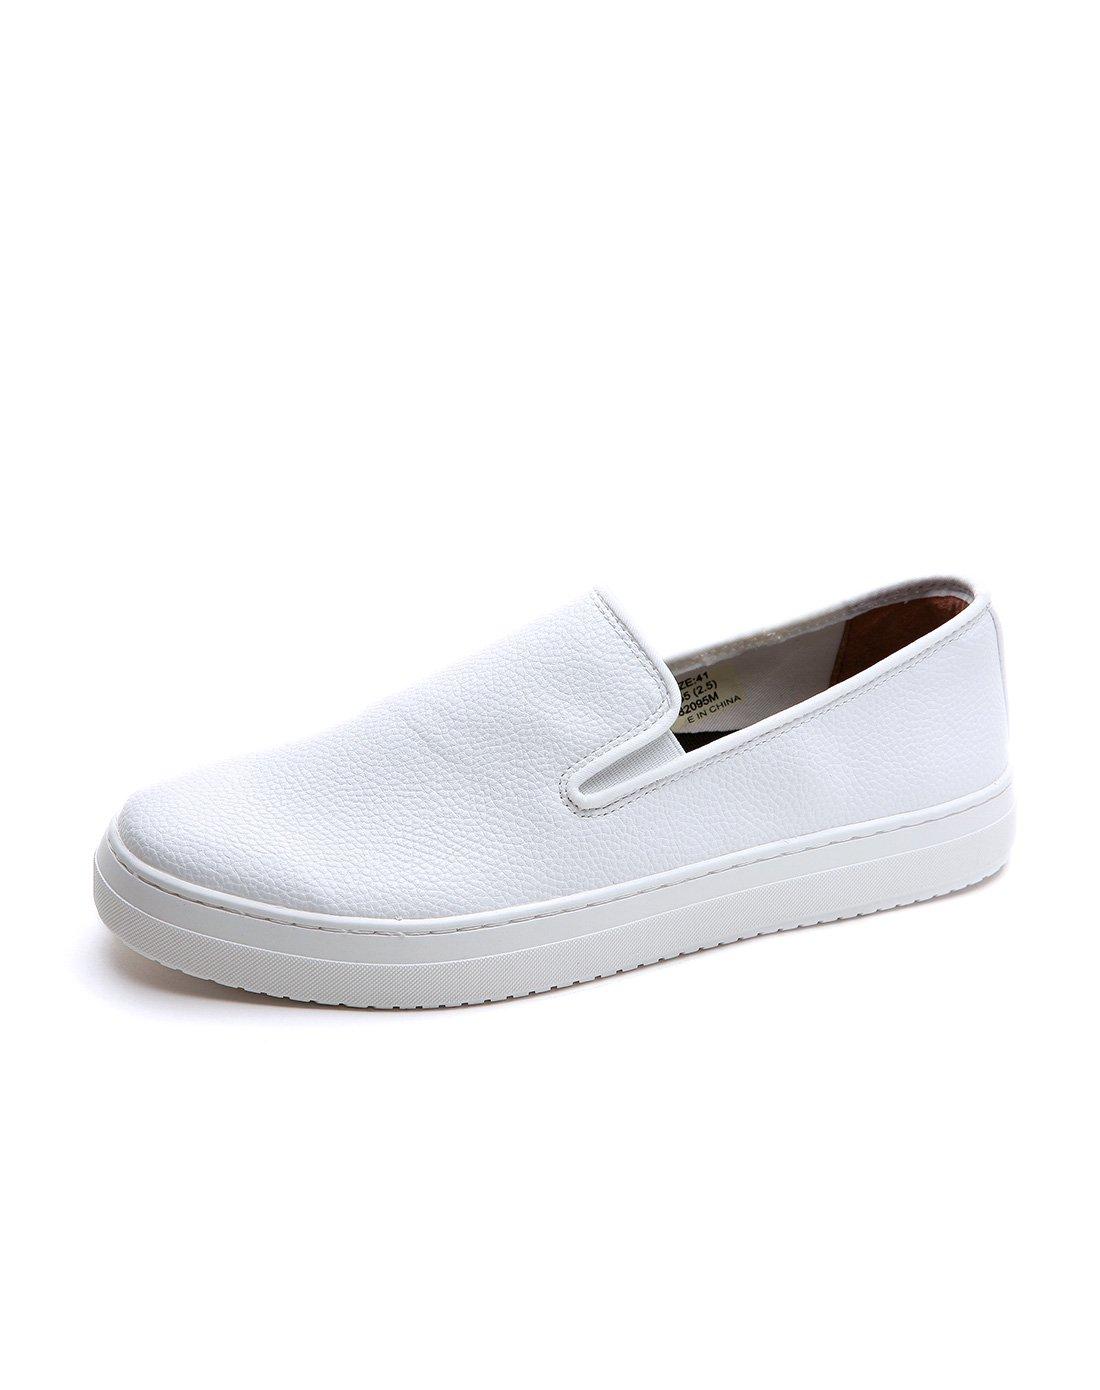 快乐玛丽春季时尚平底套脚素面小白平跟休闲鞋男鞋子WT2095M02